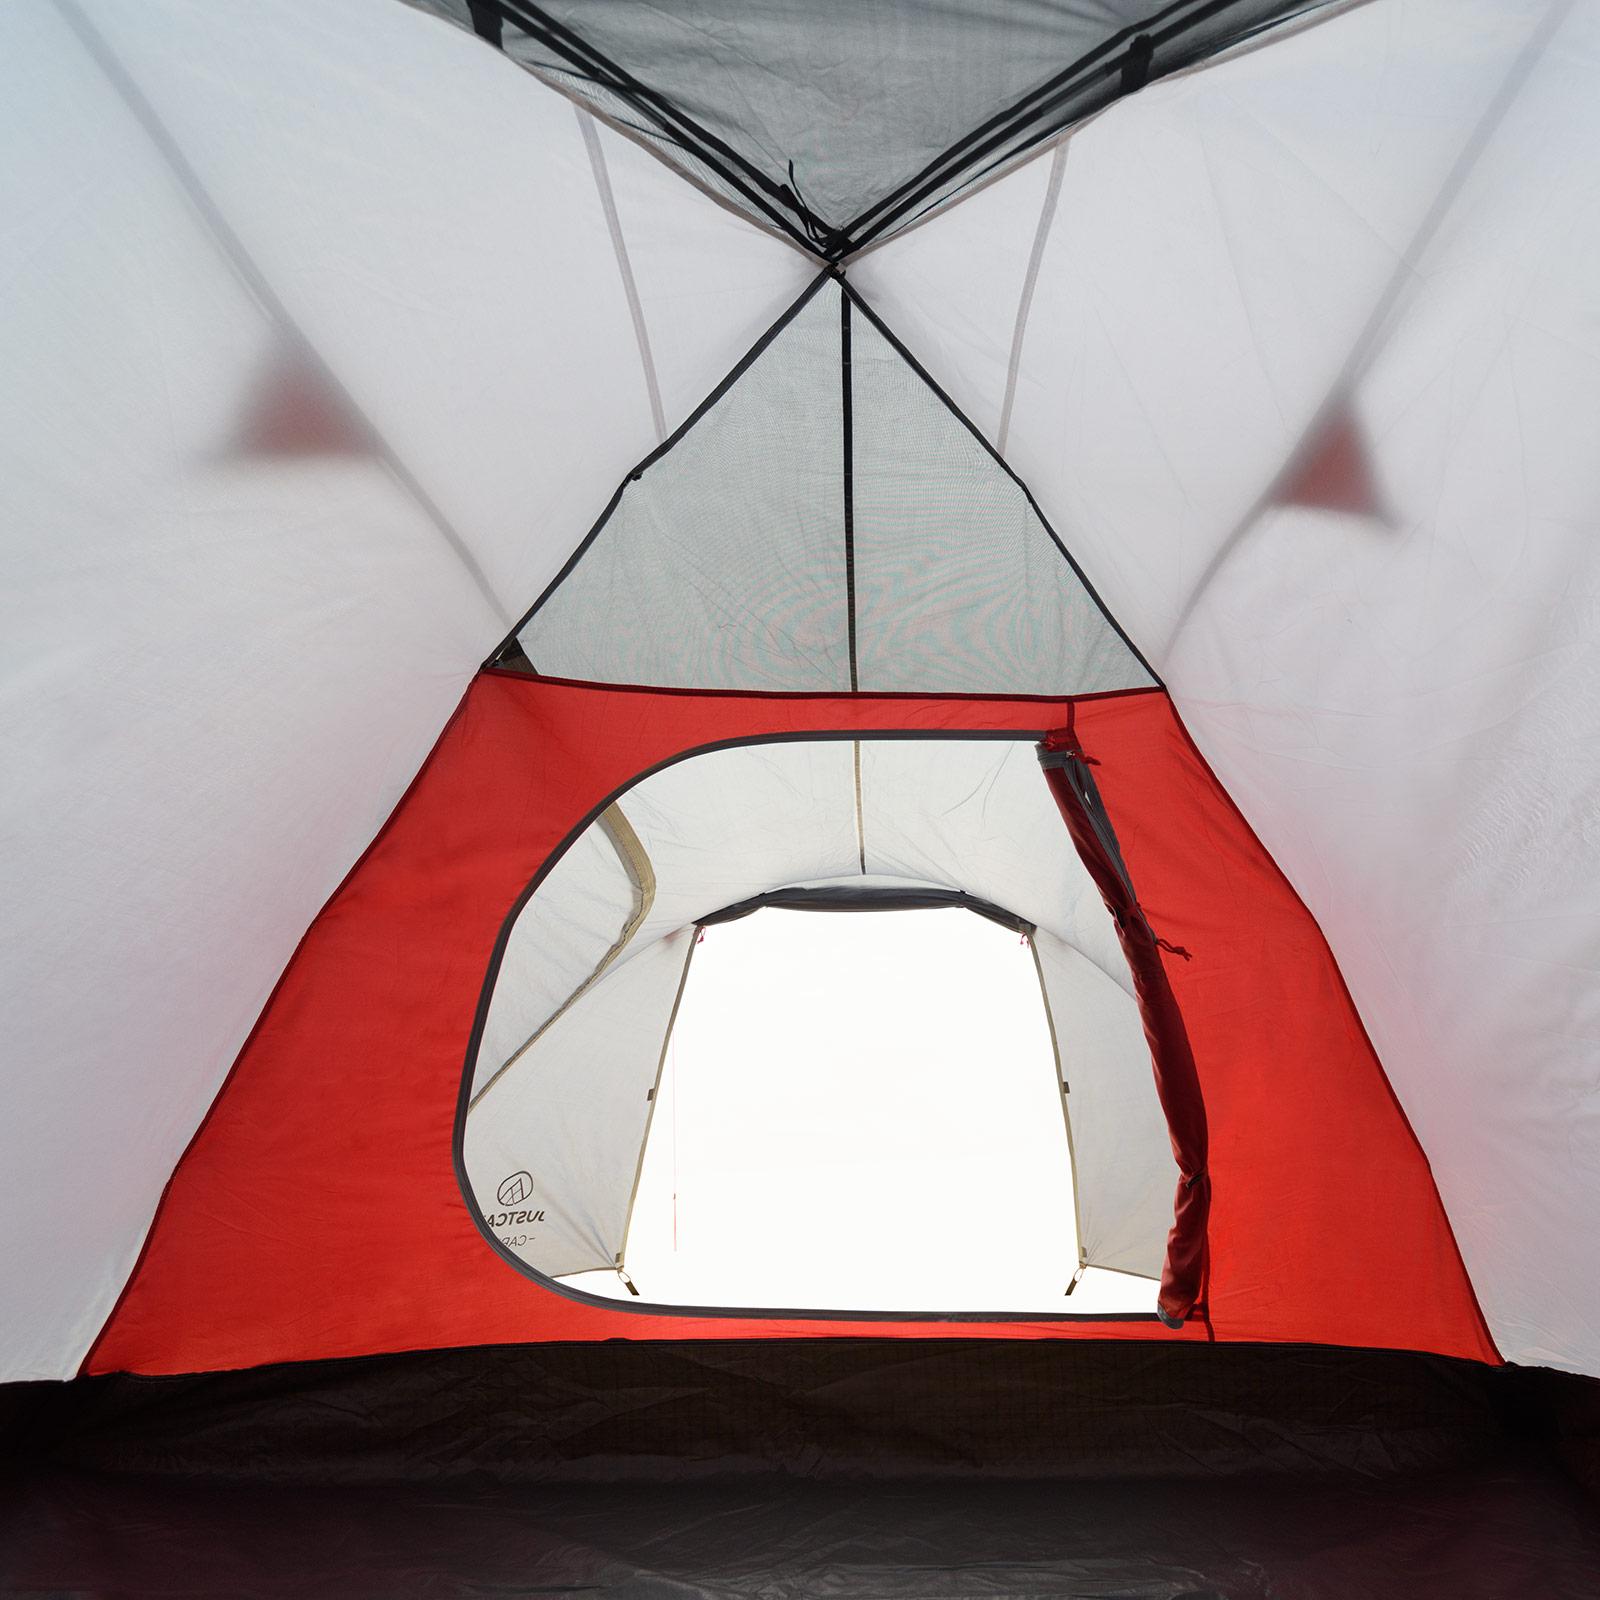 4 mann zelt justcamp carson 4 campingzelt 4 personen kuppelzelt mit vorraum ebay. Black Bedroom Furniture Sets. Home Design Ideas